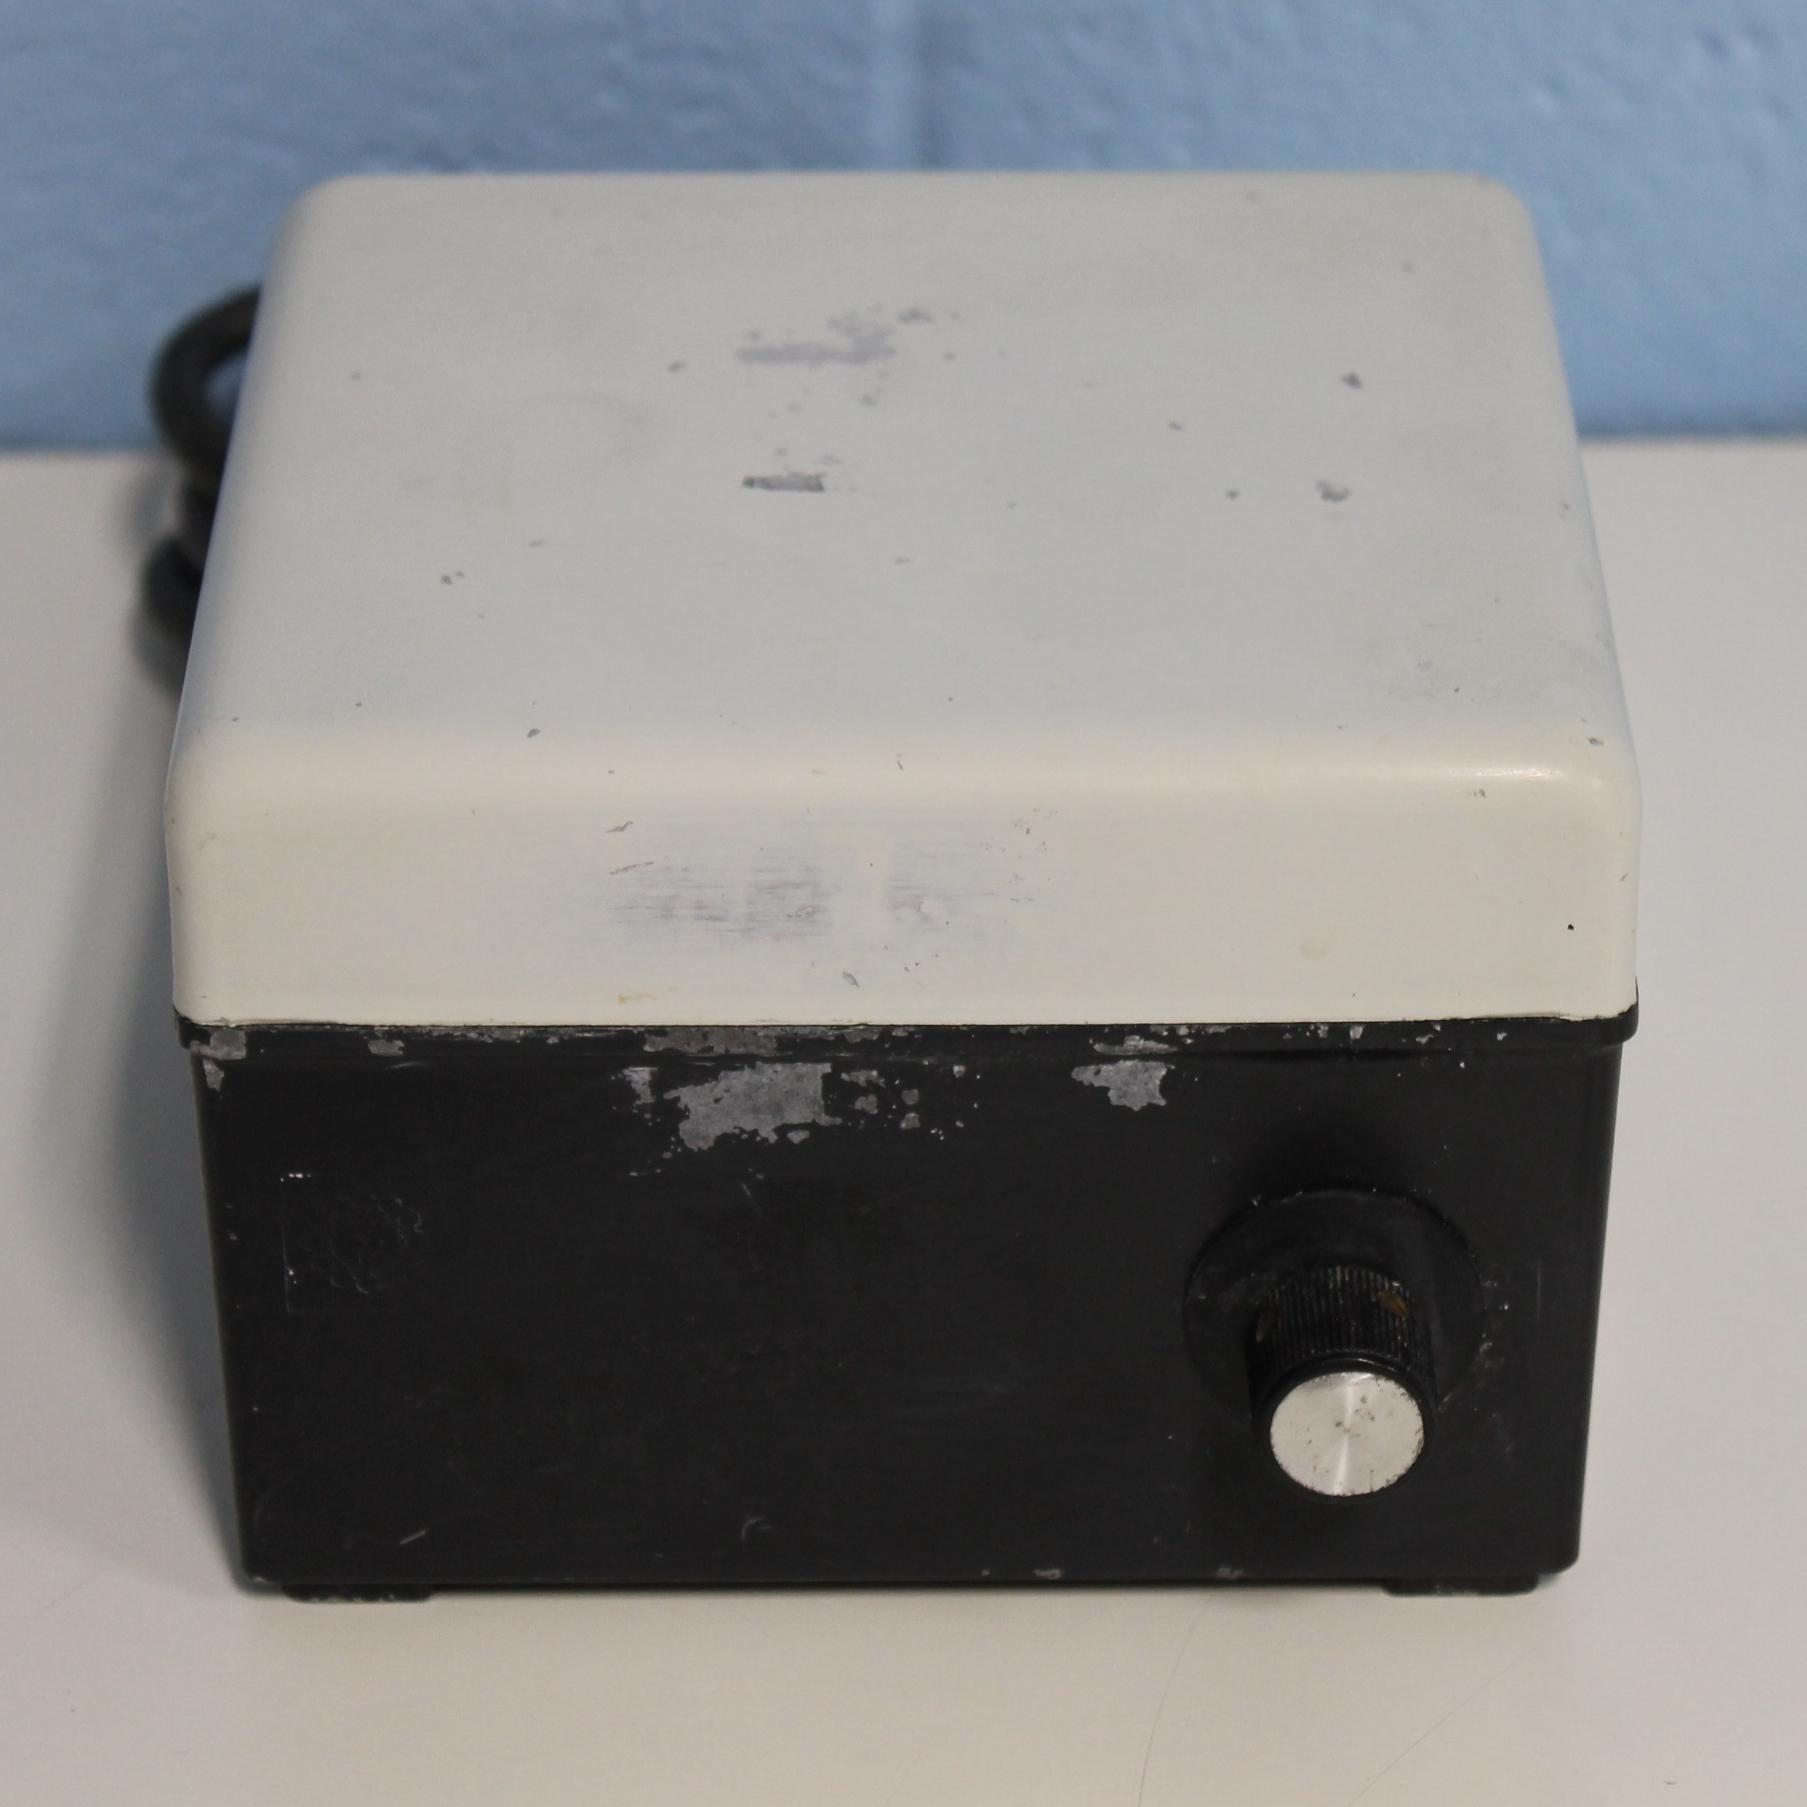 Fisher Scientific Magnetic Stirrer 5 x 5 Platform Image